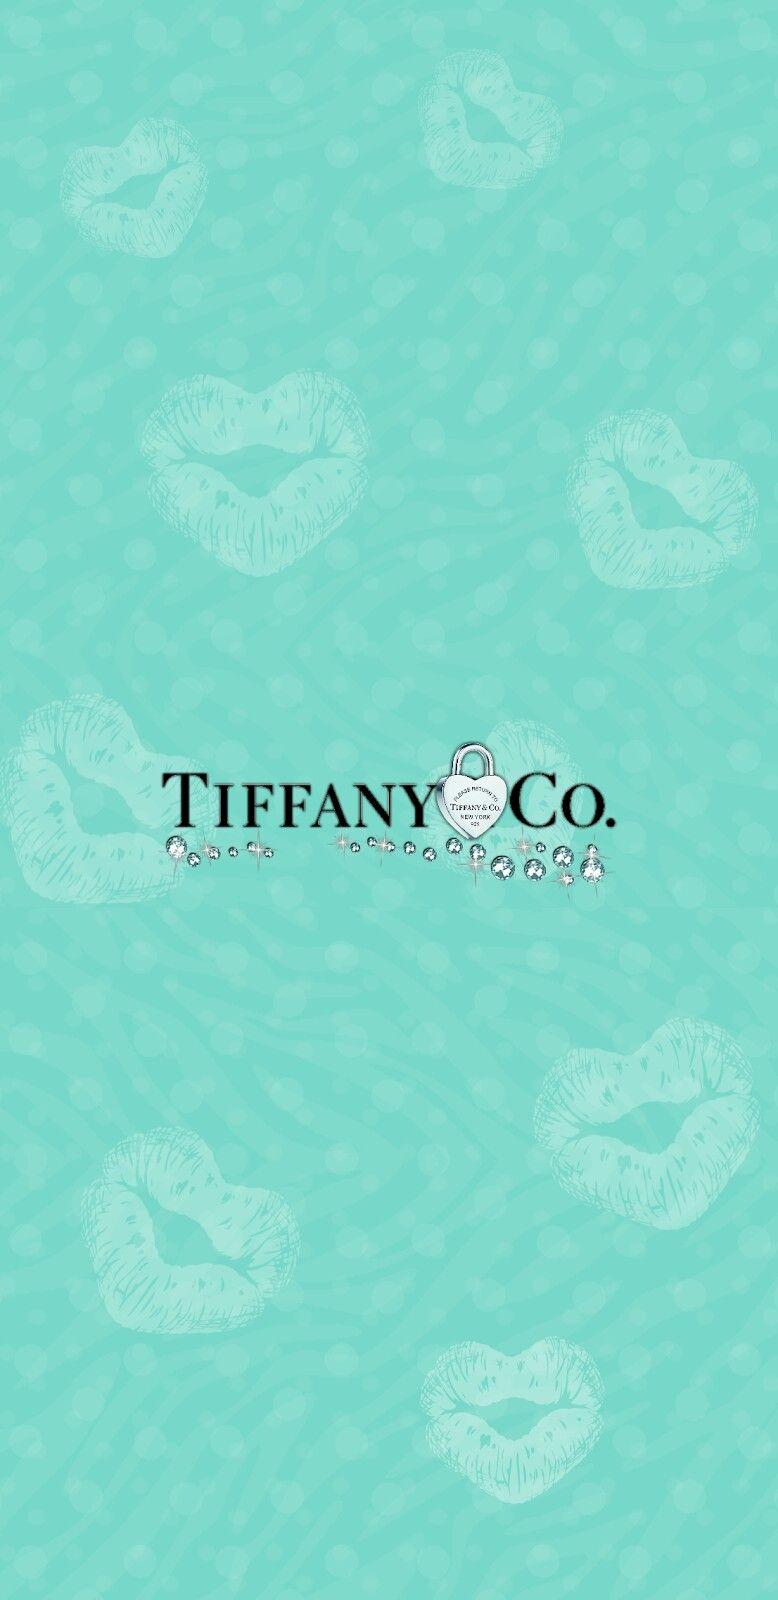 Dazzlemydroid Tiffany Co Fondos Y Laminas